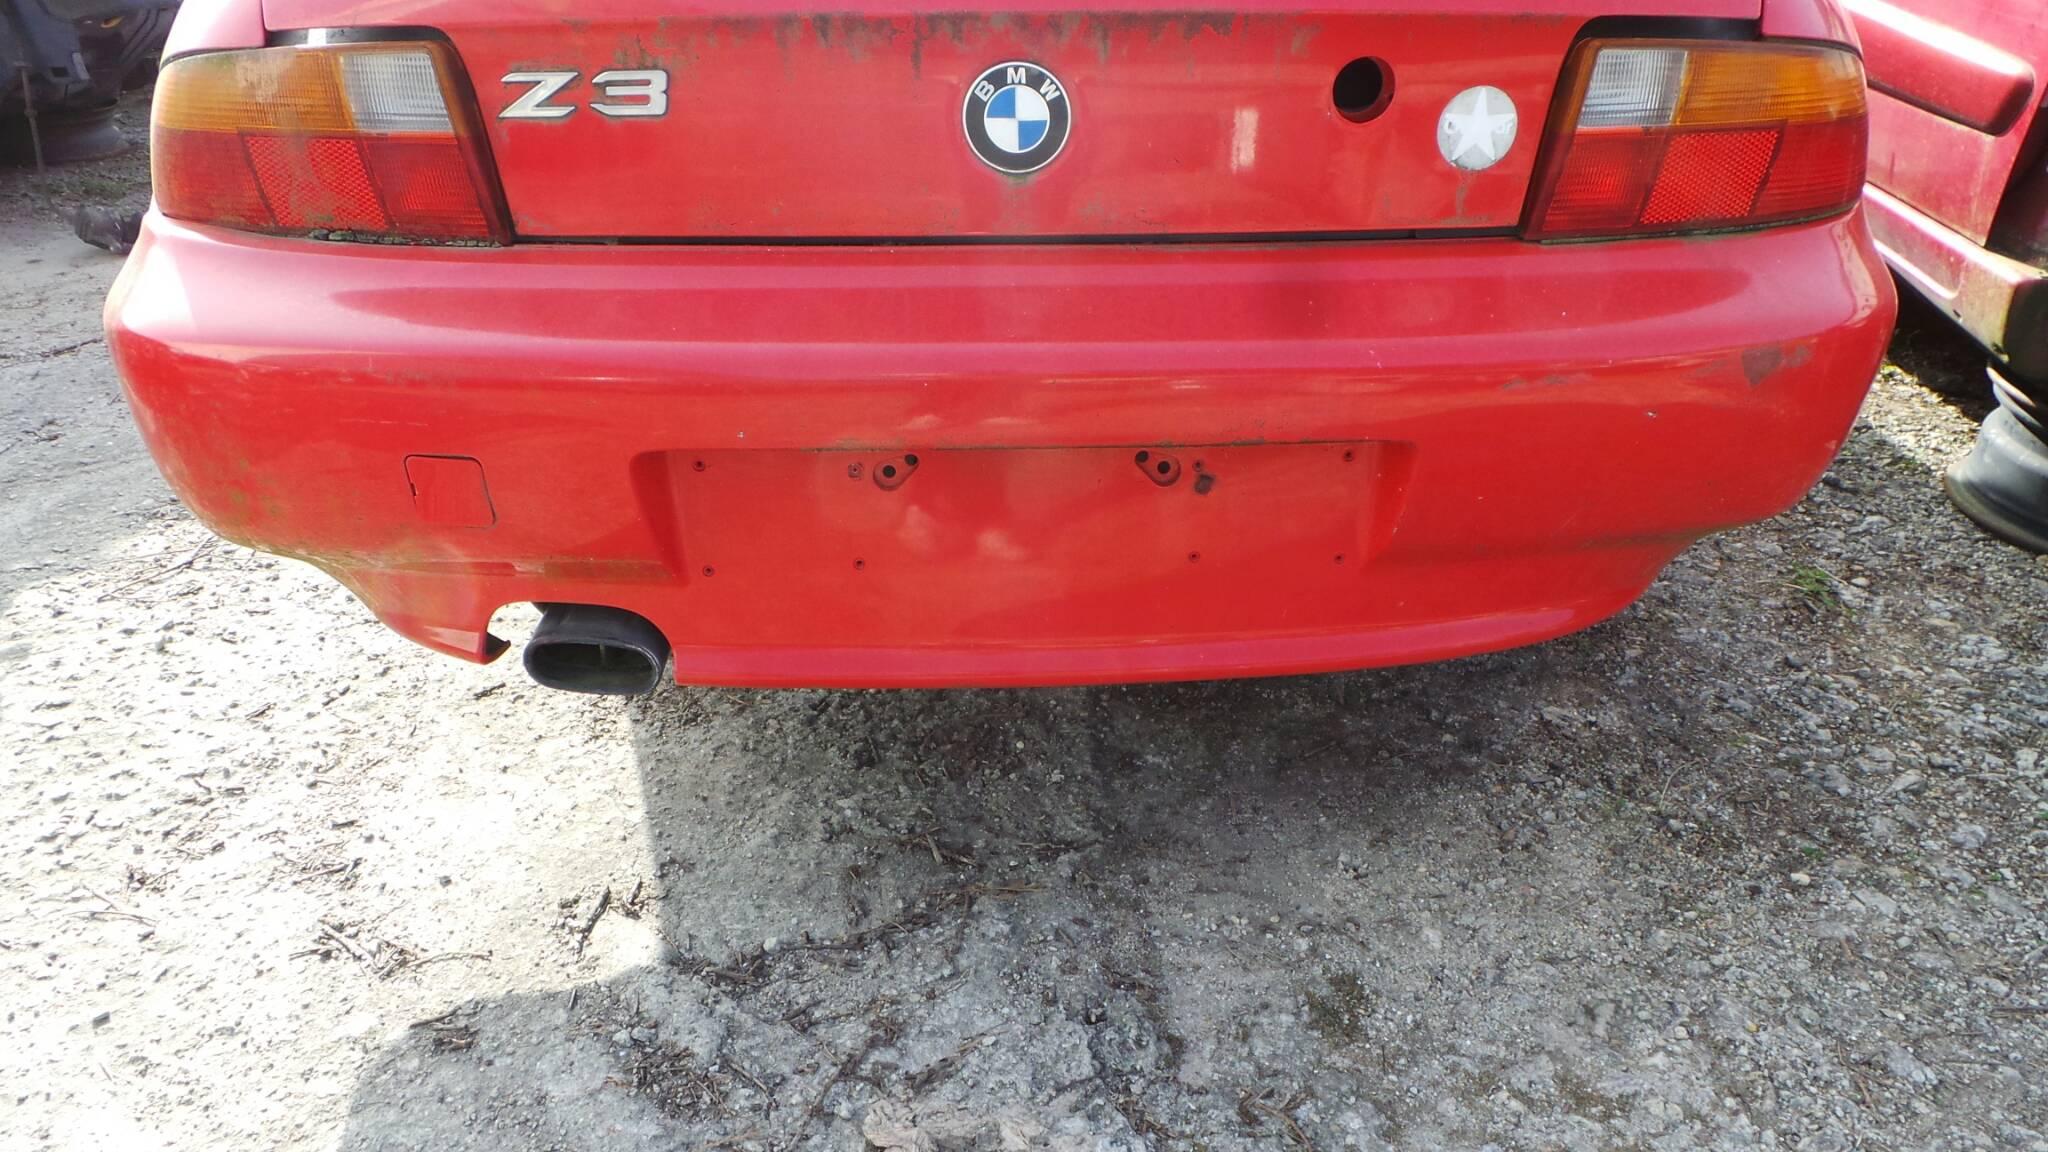 Para Choques de Trás BMW Z3 Roadster (E36)   95 - 03